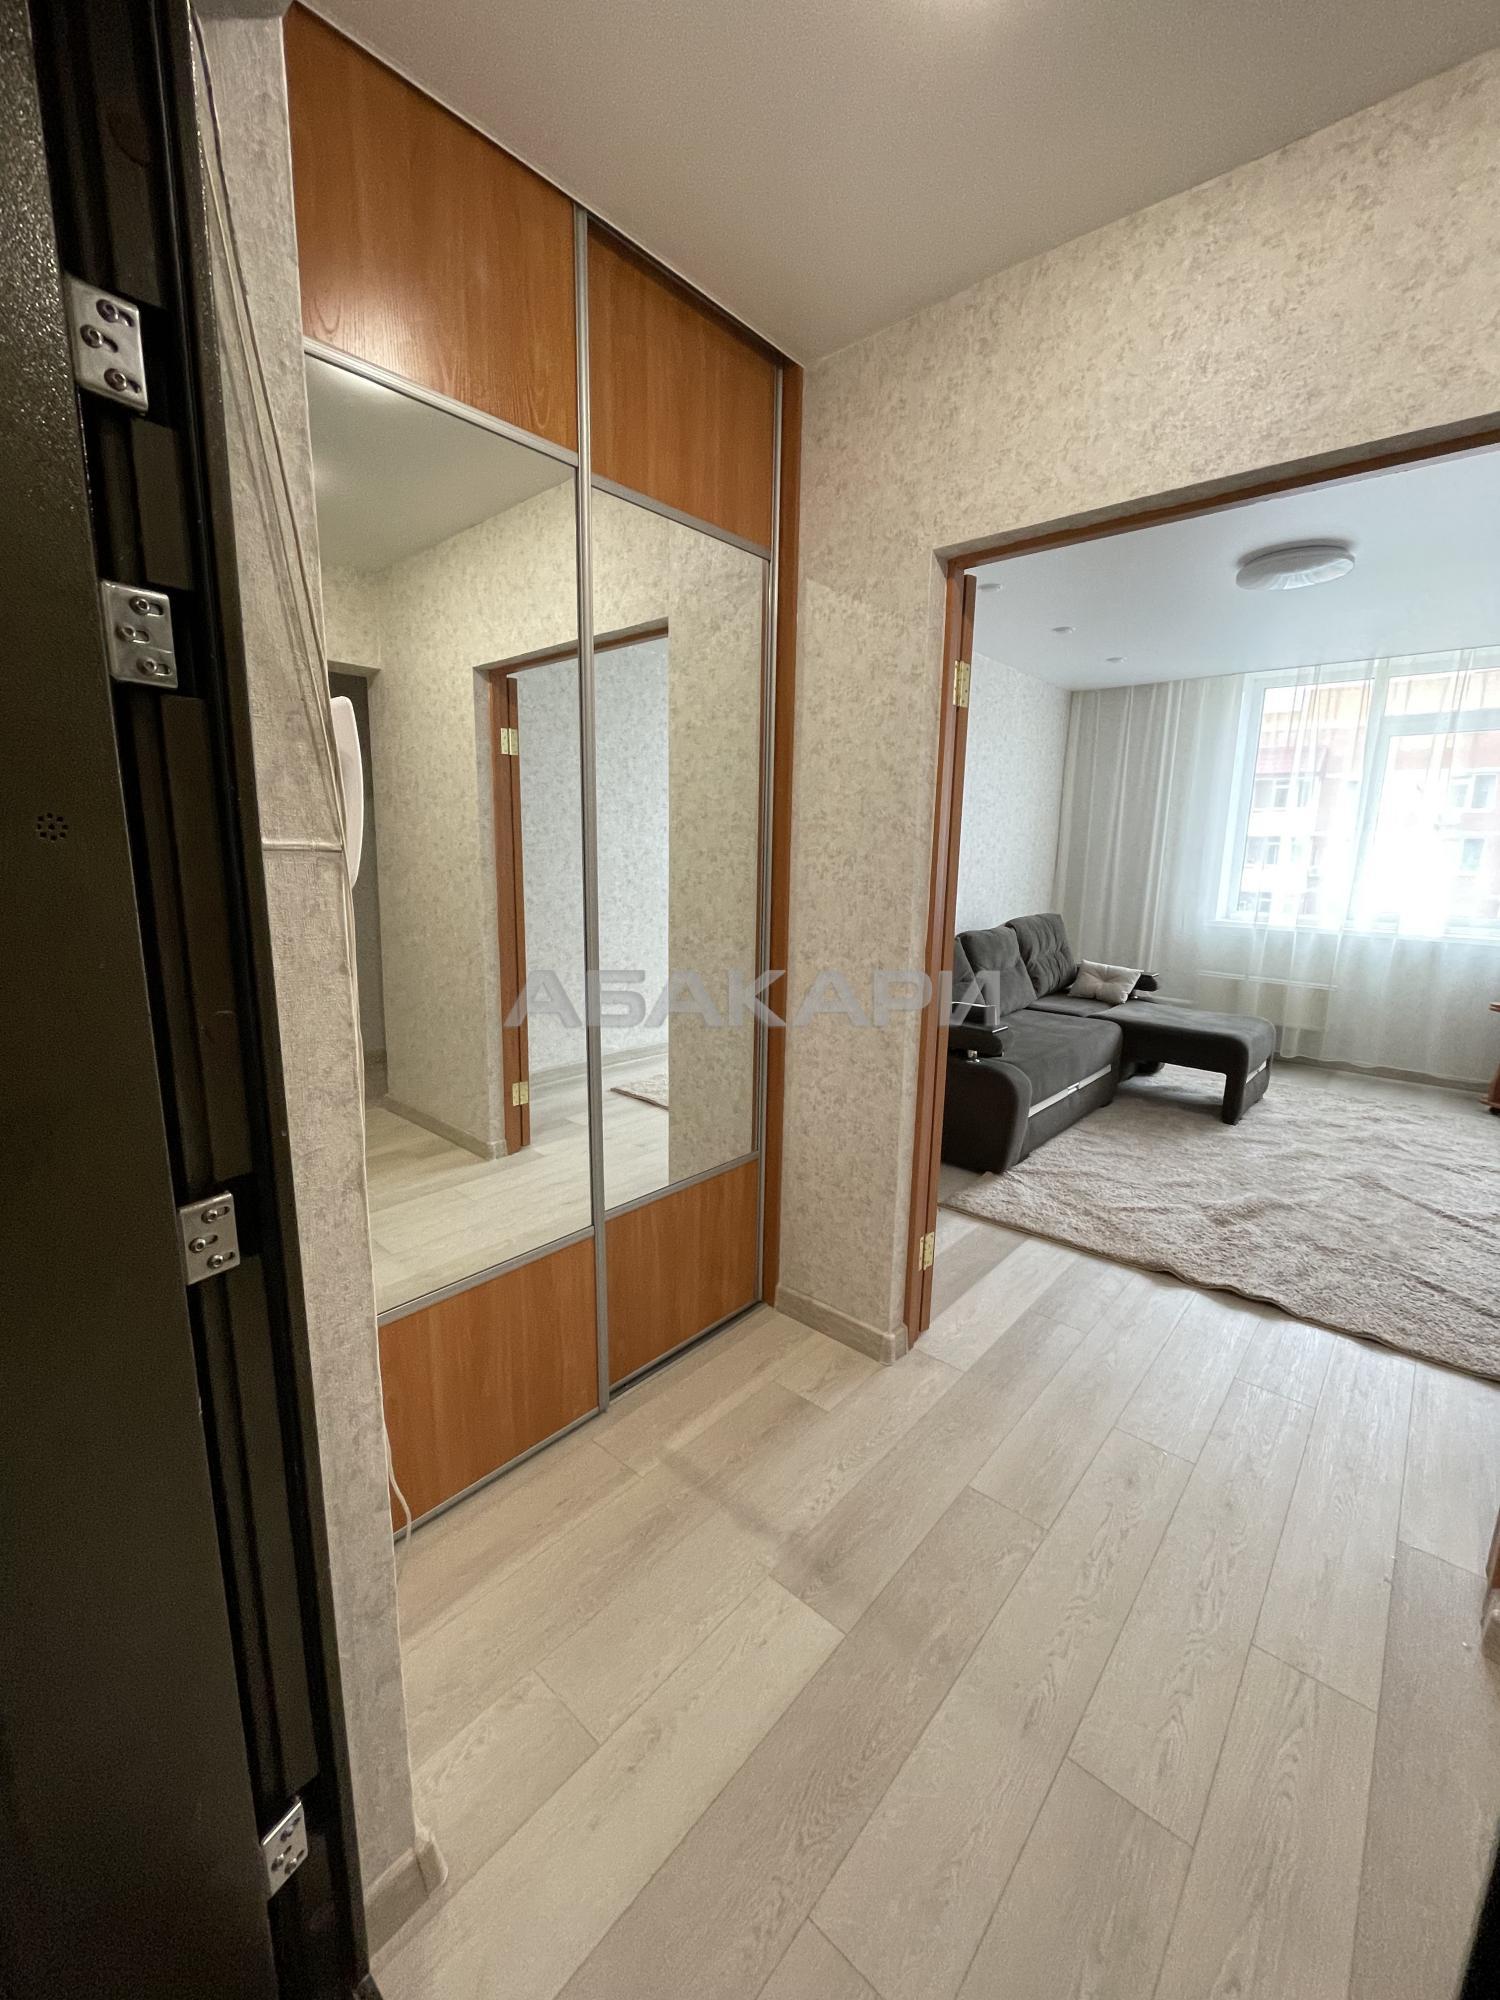 1к квартира улица Авиаторов, 40 | 25000 | аренда в Красноярске фото 9